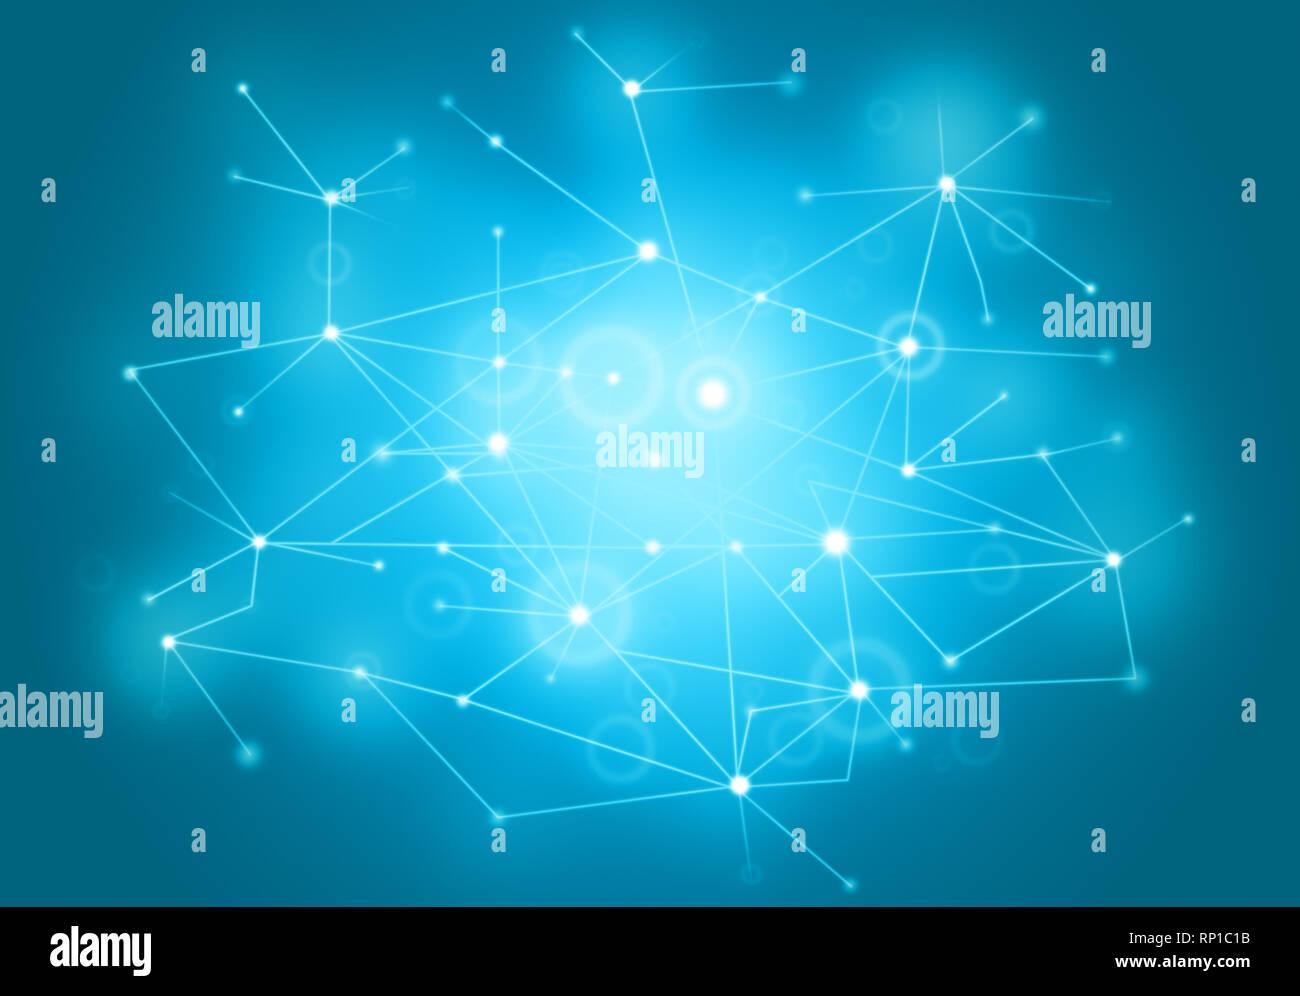 Futuristico stile poligonale abstract vector network sfondo per il business con la tecnologia o la scienza presentazione. Struttura Molecolare, puntini cibernetici. Immagini Stock